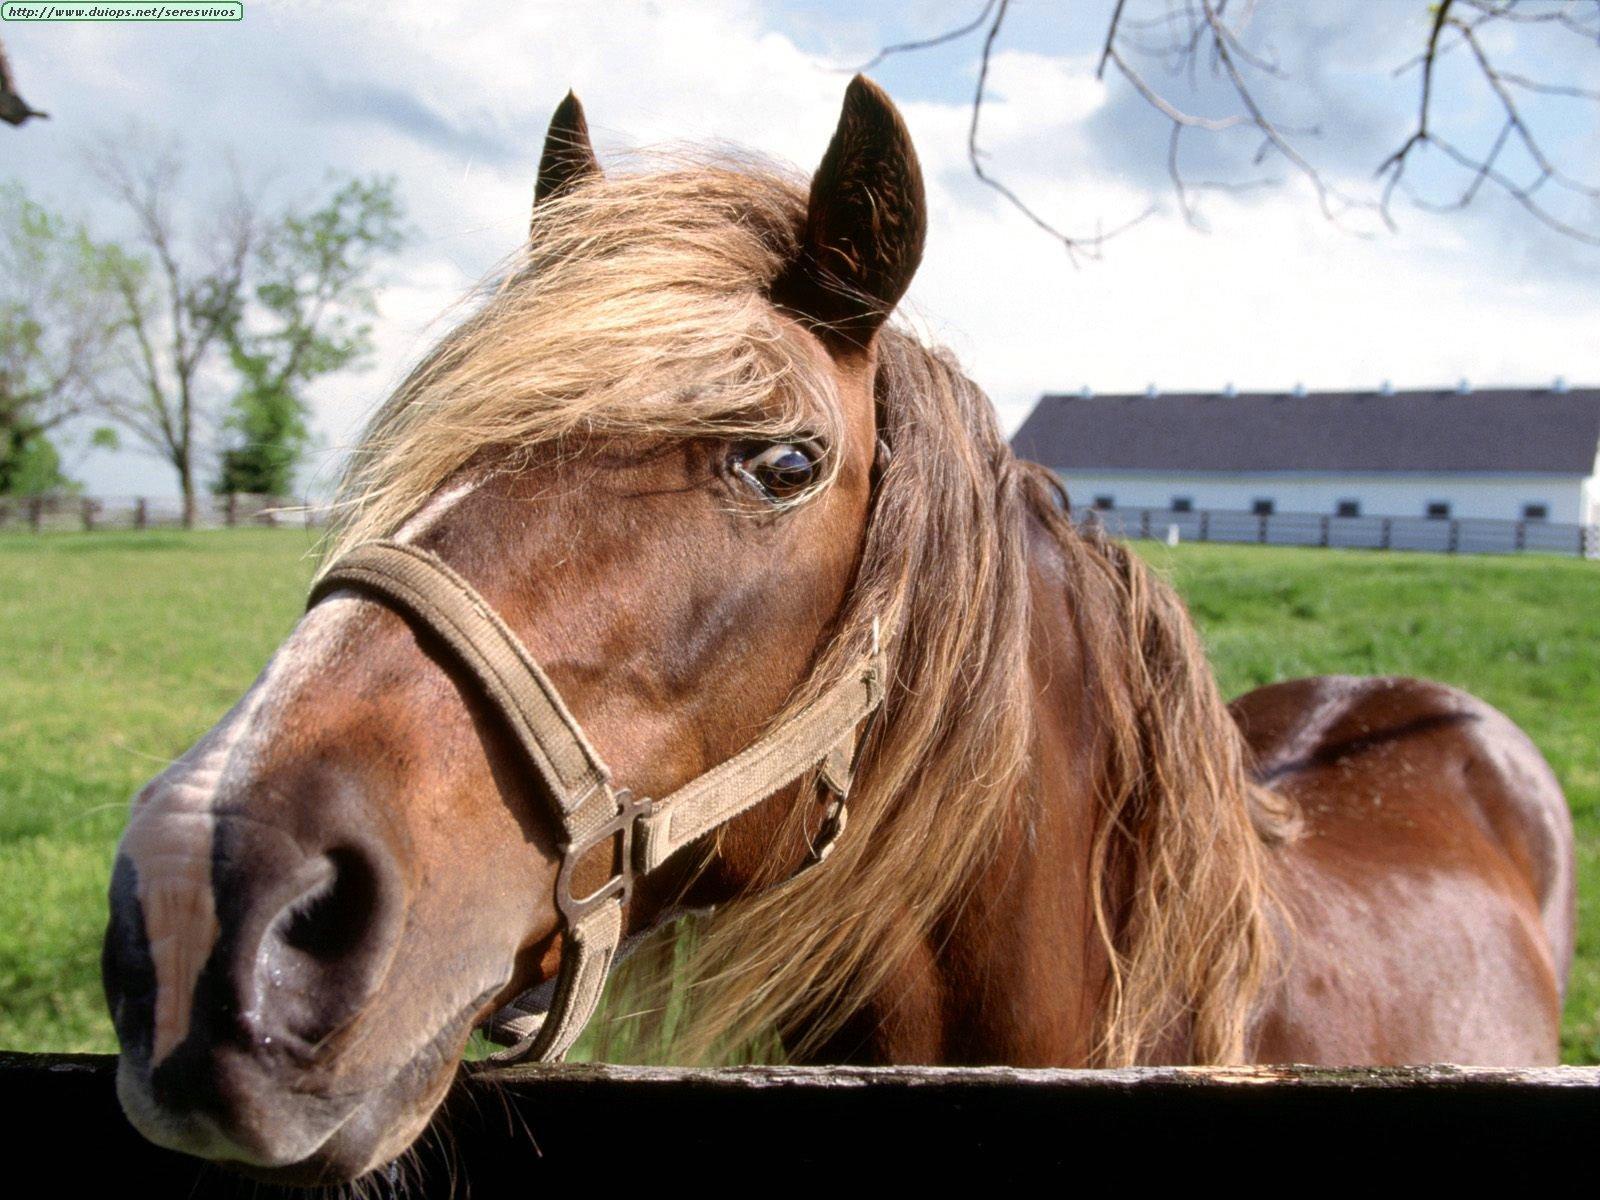 http://www.duiops.net/seresvivos/galeria/caballos/Animals%20Horses_Hello,%20Partner.jpg